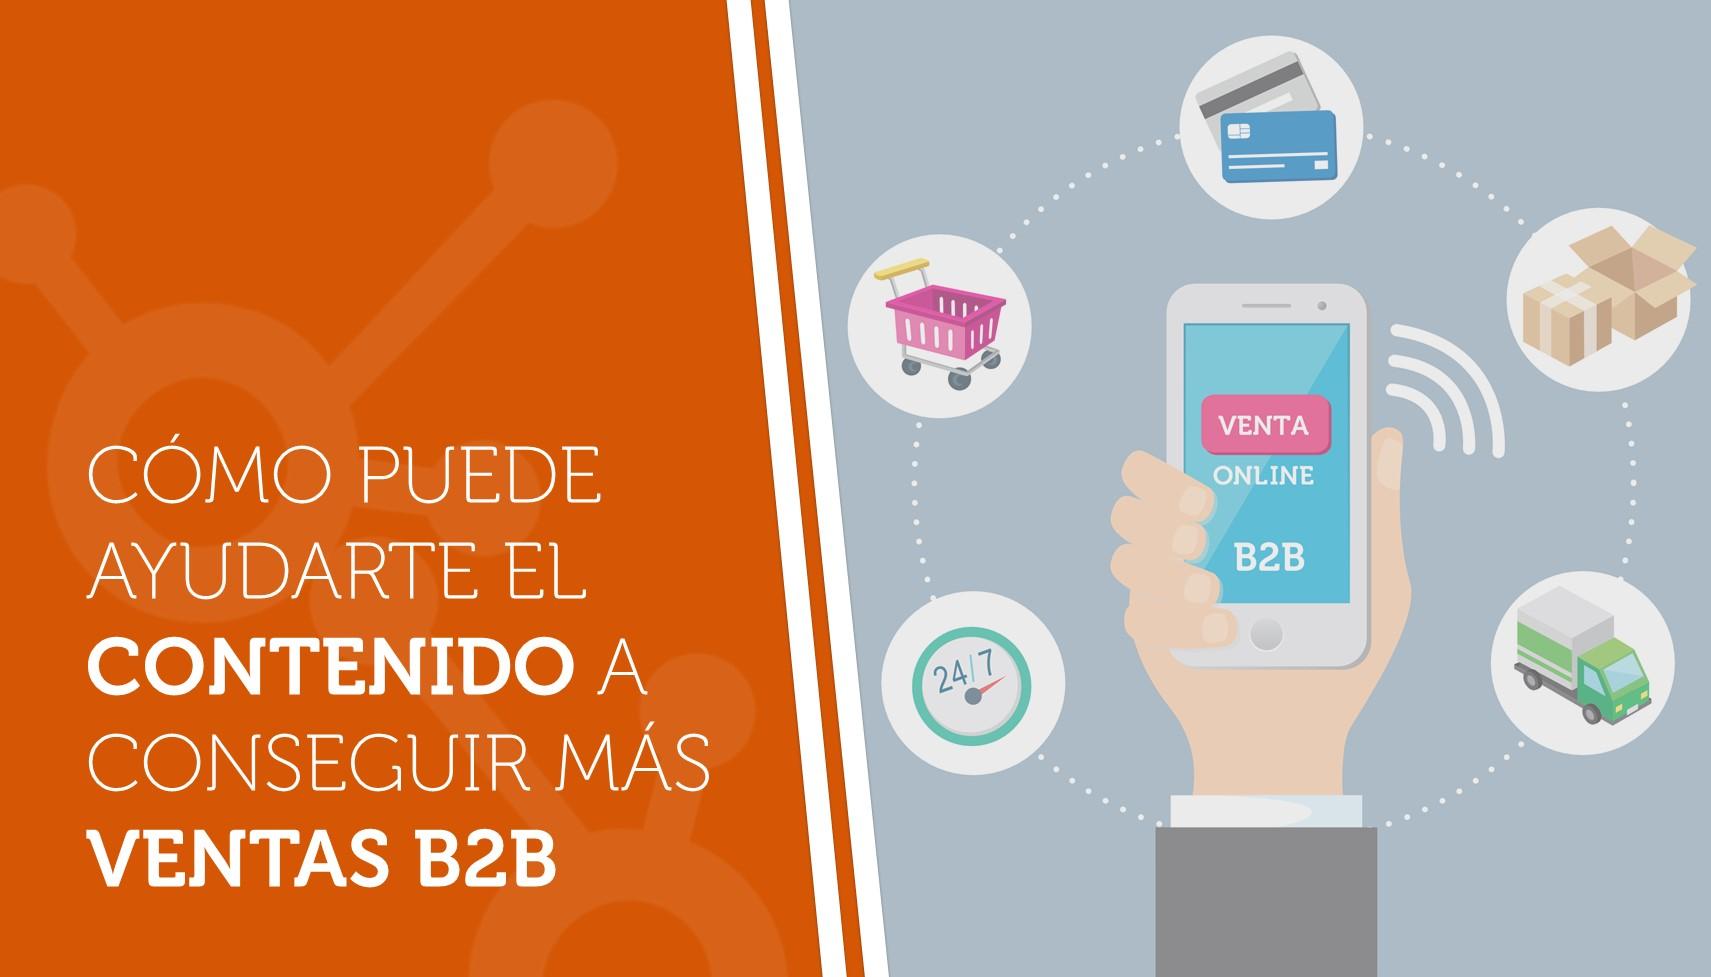 Cómo puede ayudarte el contenido a conseguir más ventas B2B